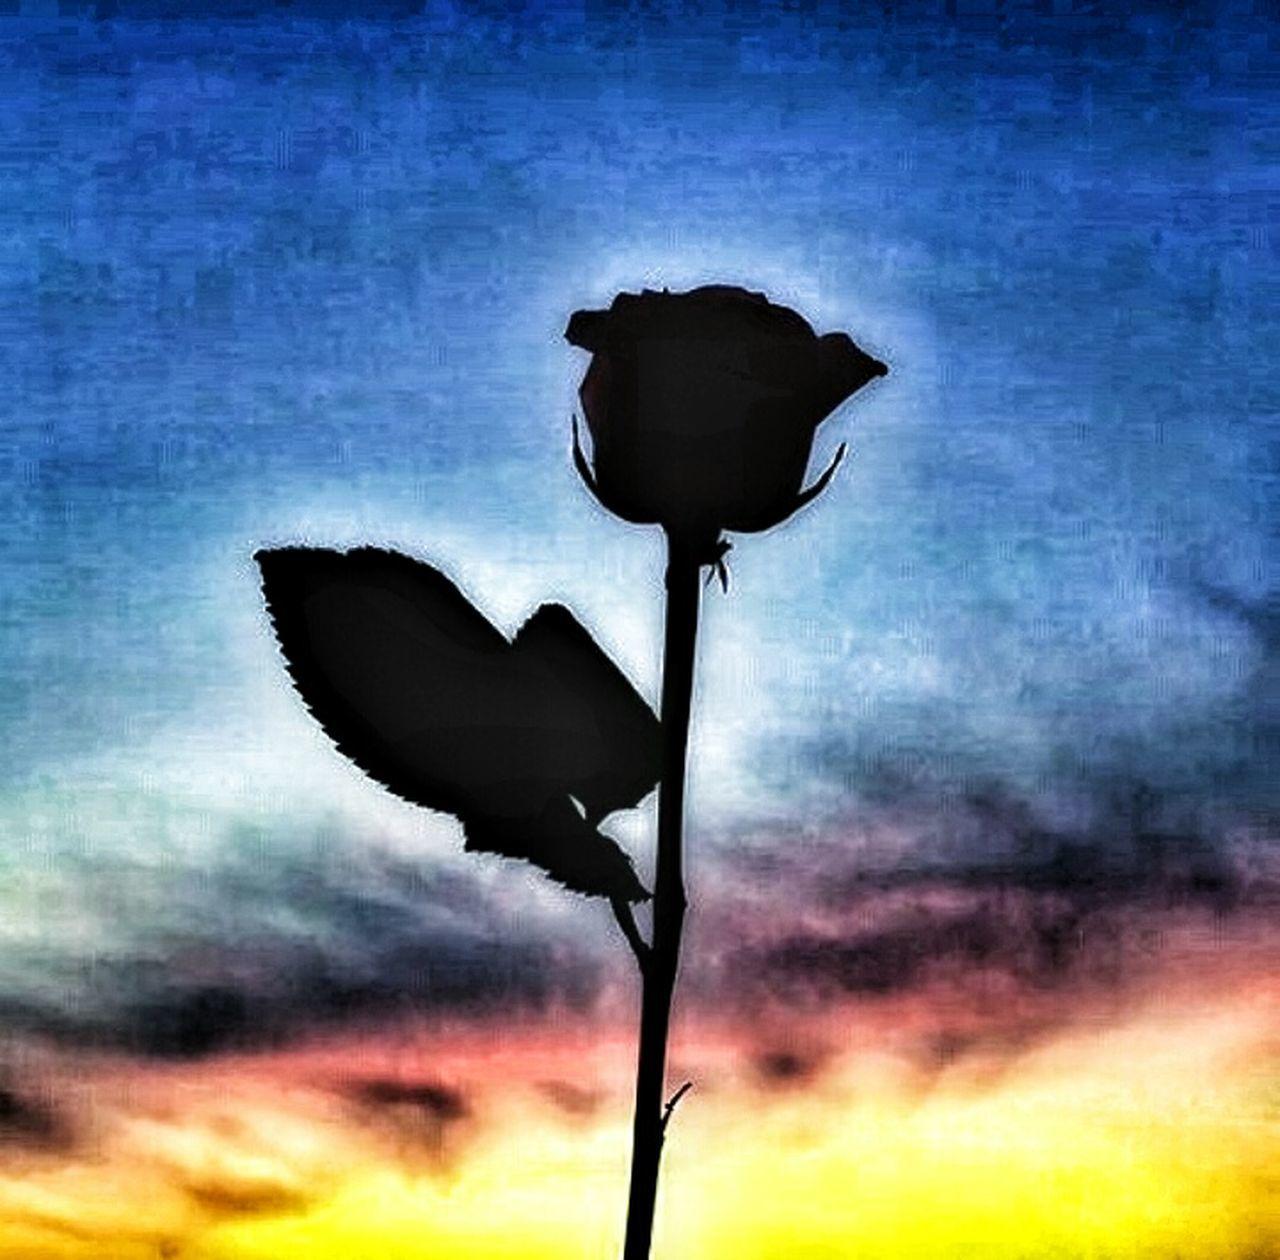 Güller her zaman karanlığın arkasına saklandılar. Flowers Fotography Manzara Symbol Darkness Gul Karanlık First Eyeem Photo Istanbul Turkey çiçekler 🌸 çiçek Turkey Historical Building History Turkeyphotooftheday Yaraticilik